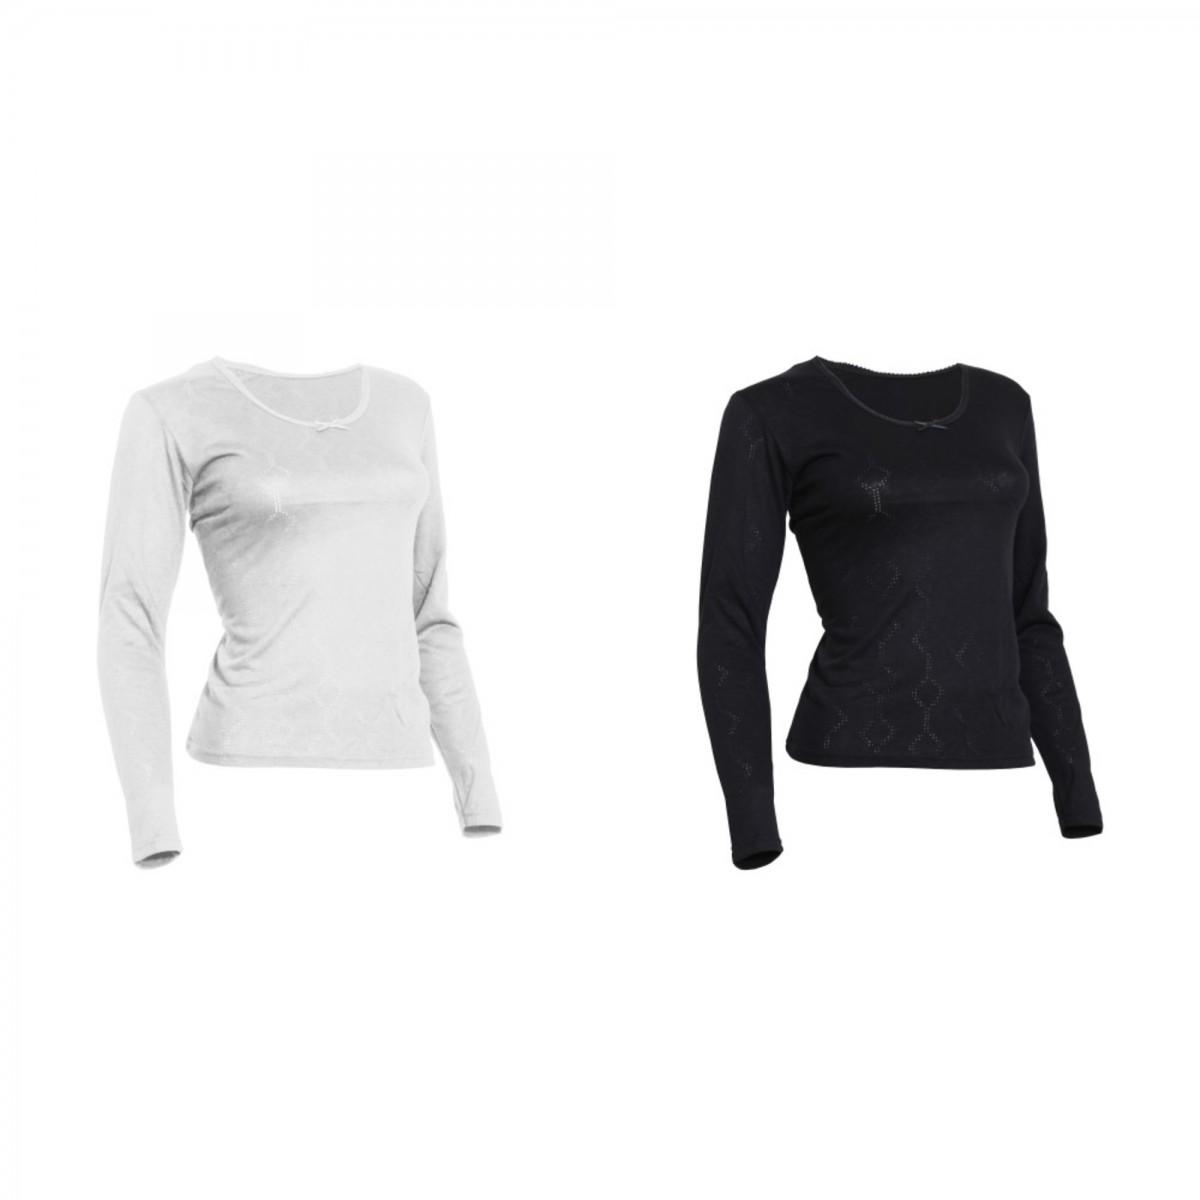 (フロソ) FLOSO レディース あったか サーマルインナー 長袖Tシャツ トップス (ビスコースプレミアム) 冬 女性用